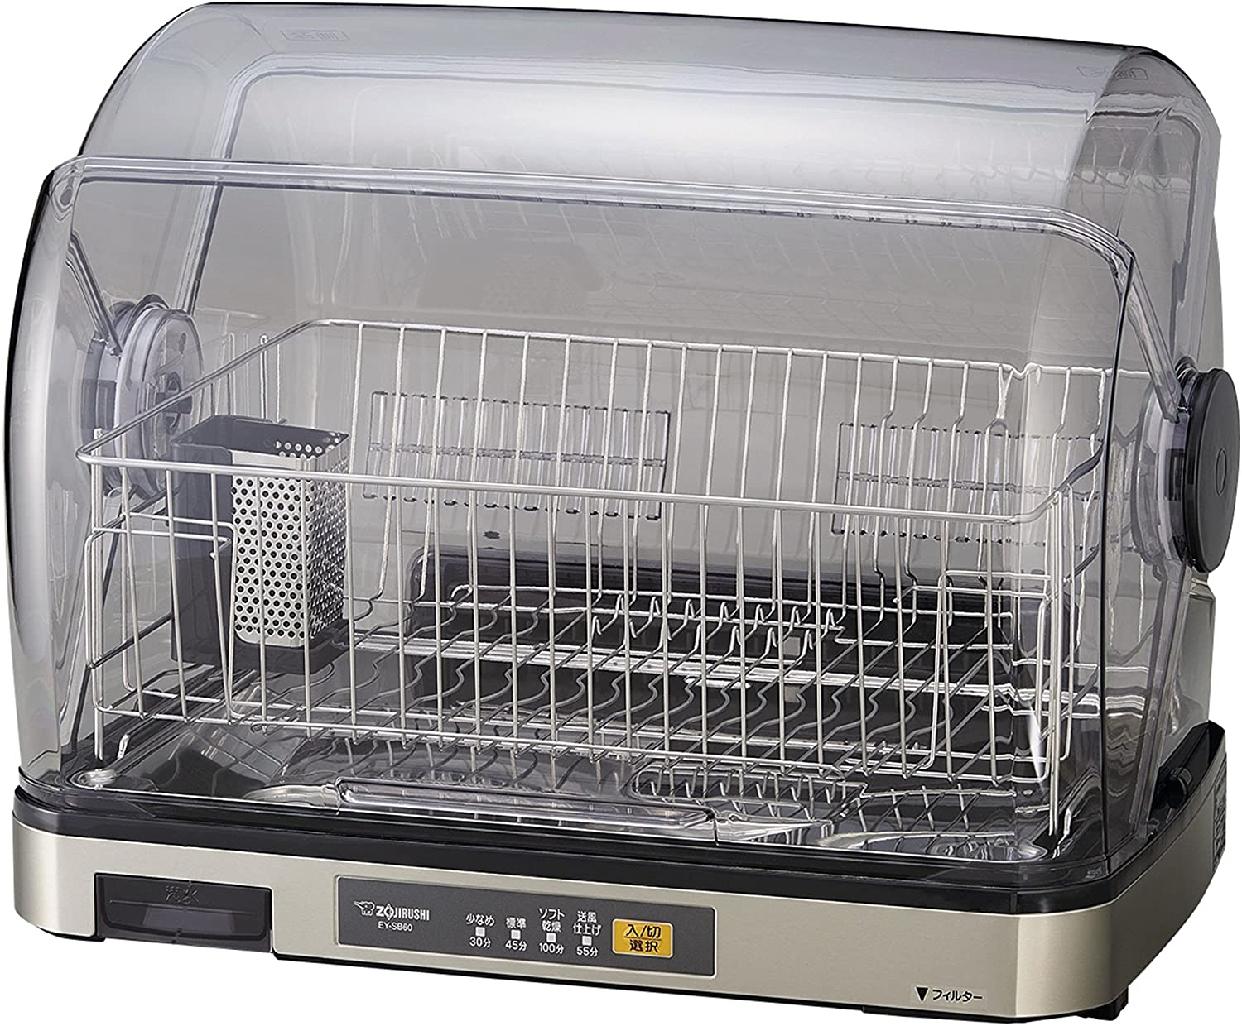 象印(ZOJIRUSHI) 食器乾燥器 EY-SB60の商品画像